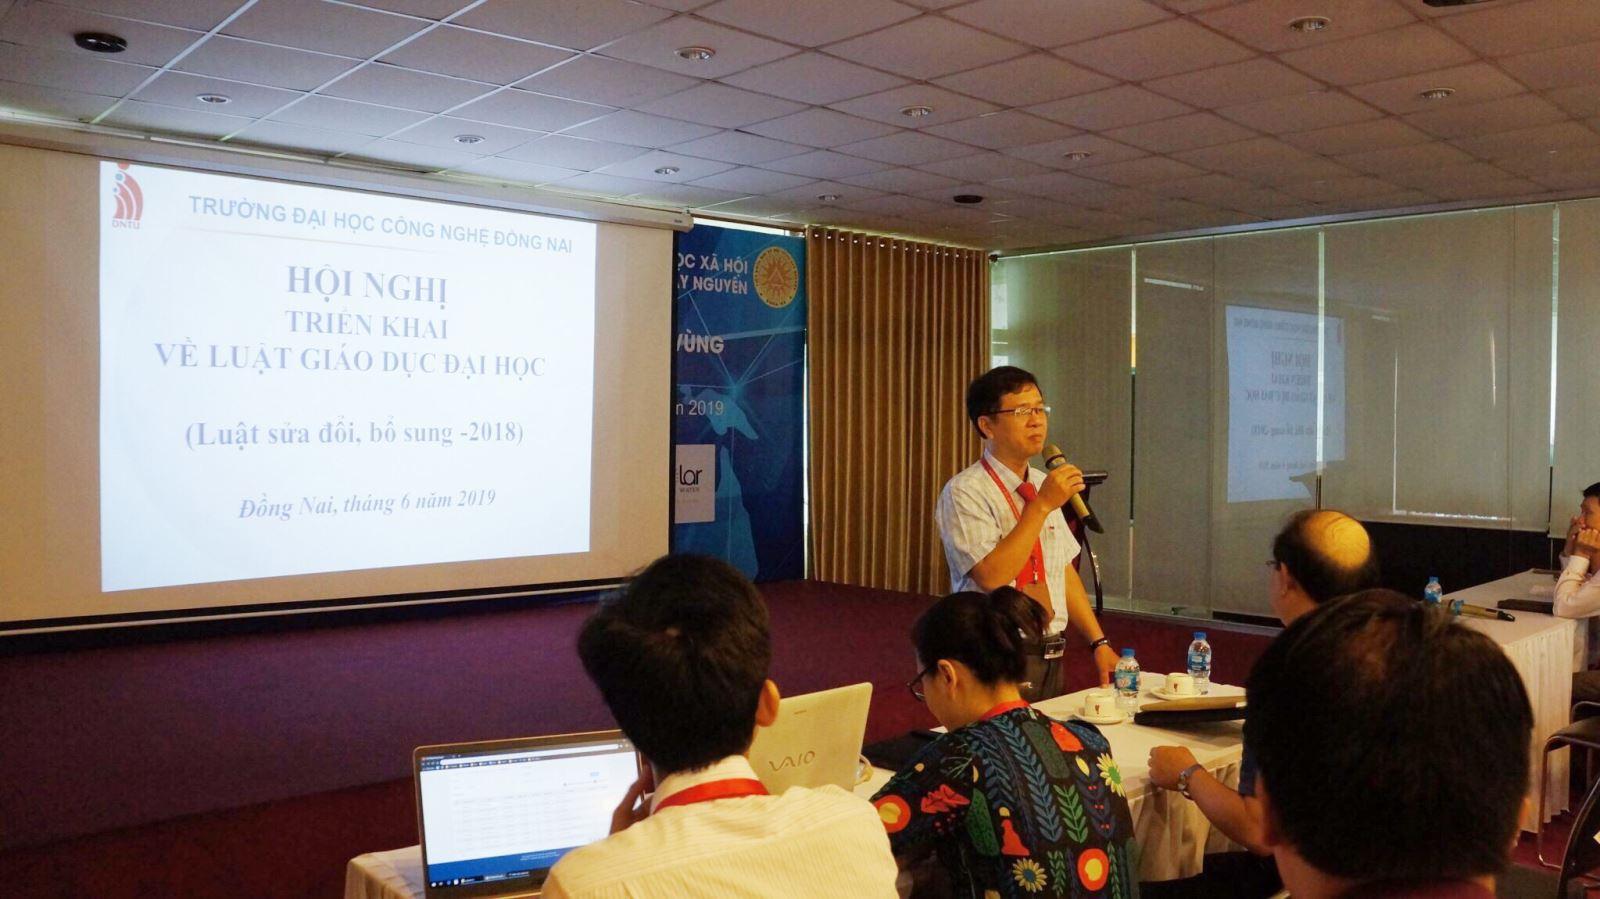 DNTU tổ chức hội nghị triển khai về luật giáo dục Đại học